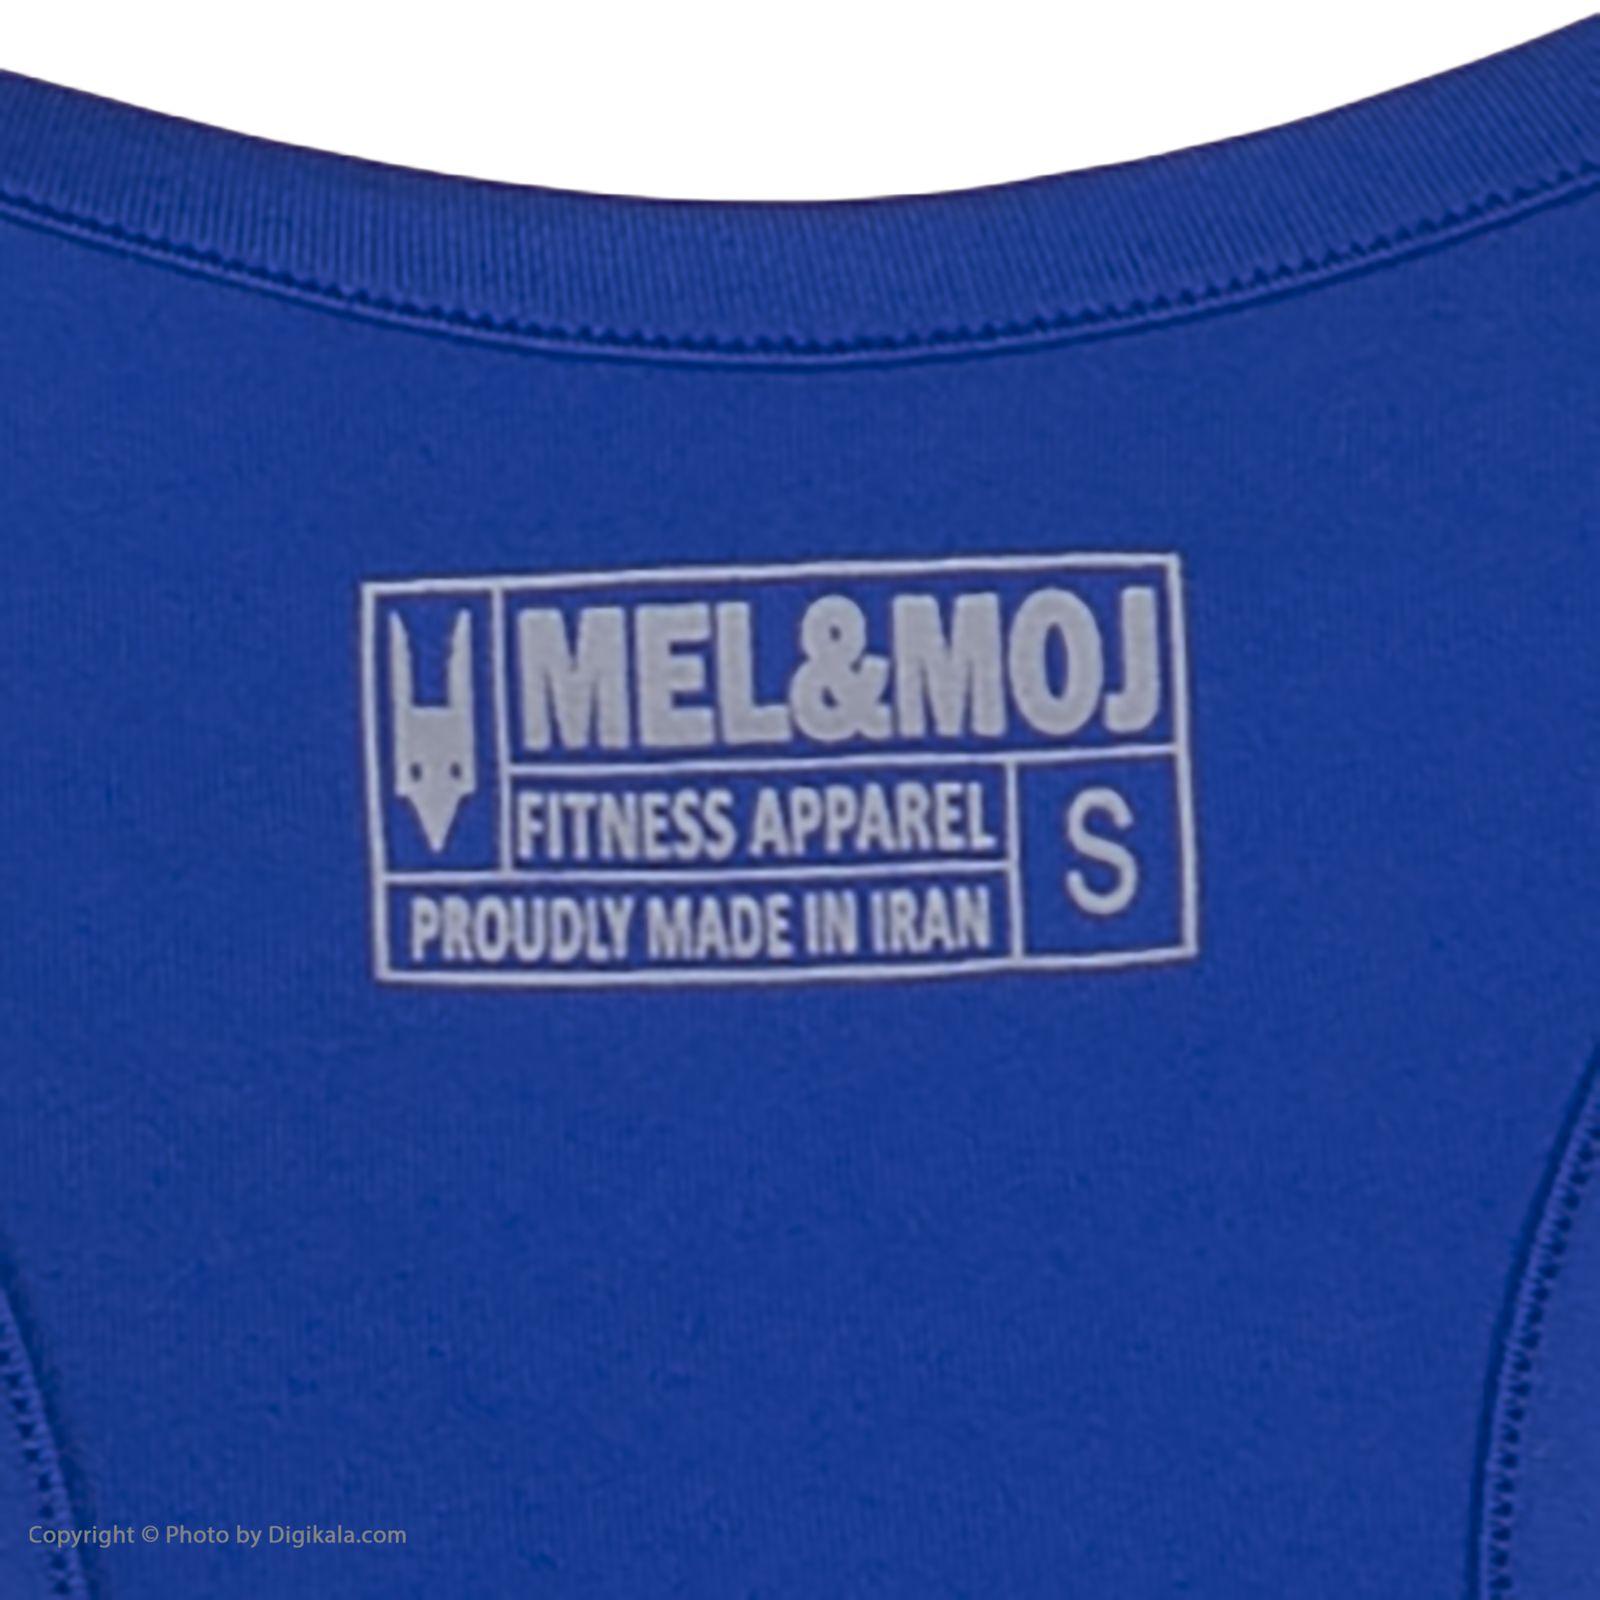 تاپ ورزشی زنانه مل اند موژ مدل KT0054-004 -  - 6